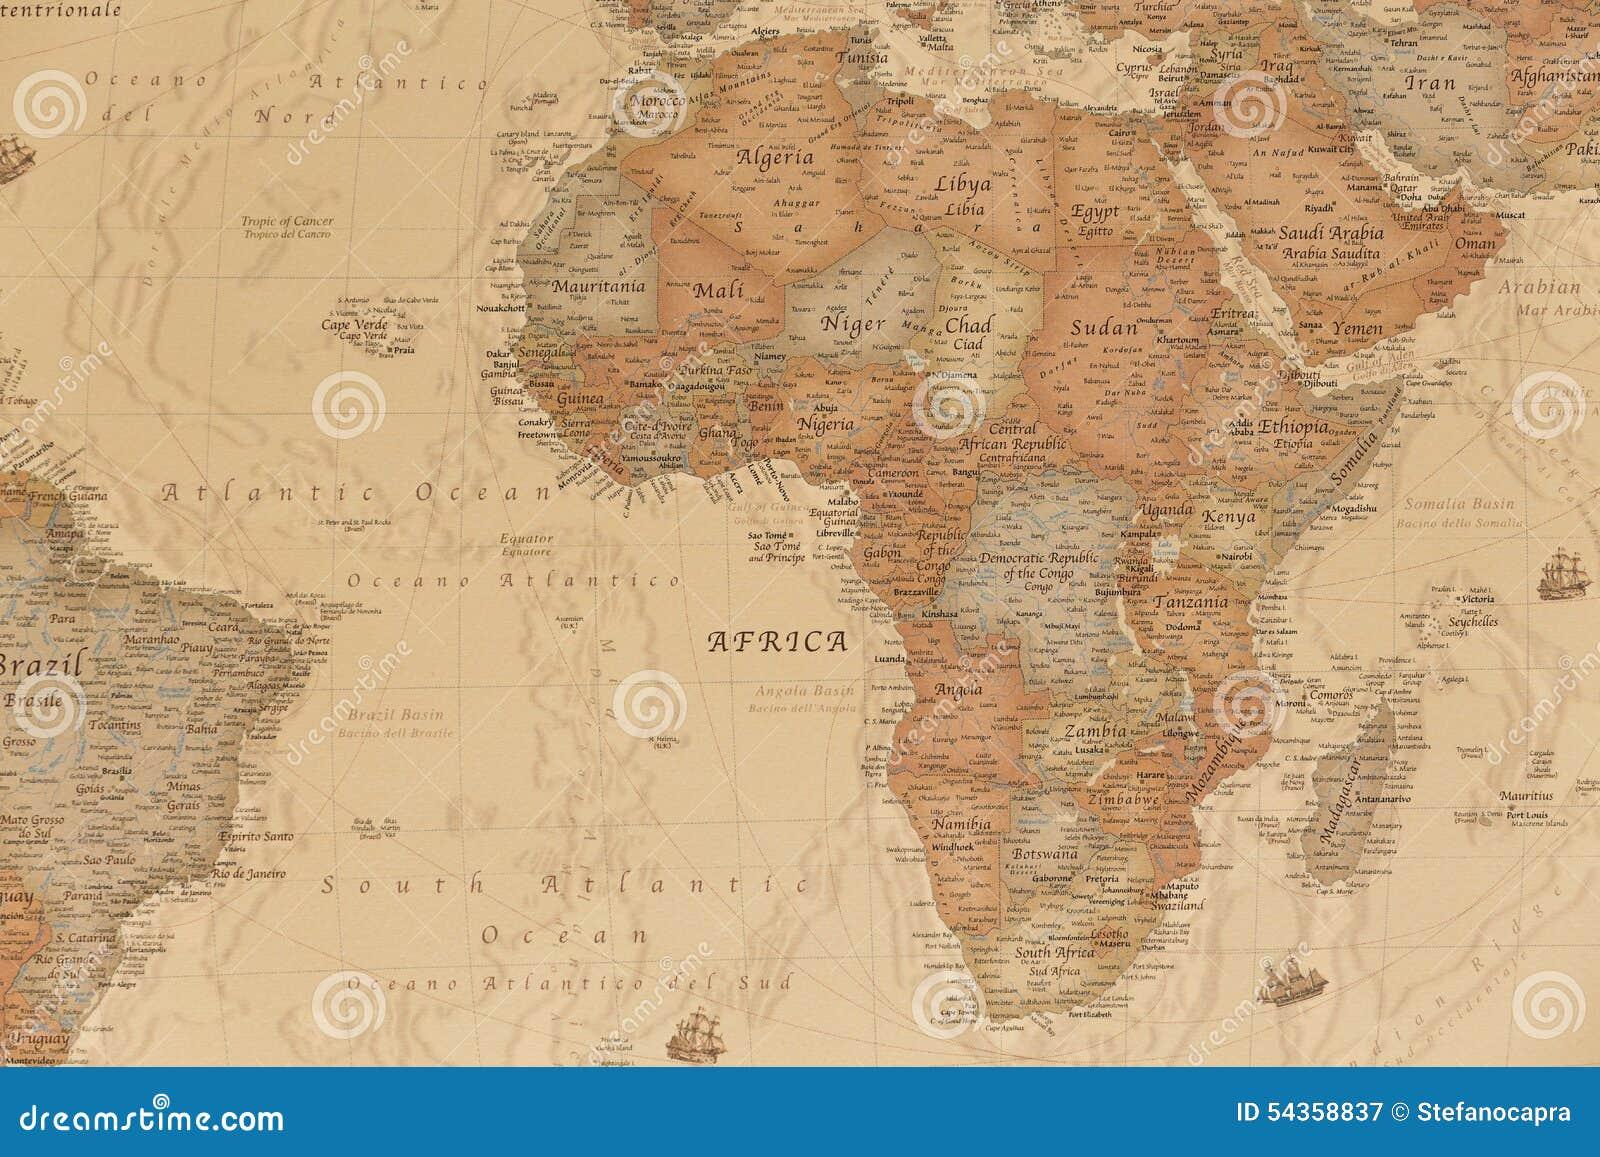 Cartina Giografica Africa.Mappa Geografica Antica Dell Africa Immagine Stock Immagine Di Bordo Grungy 54358837